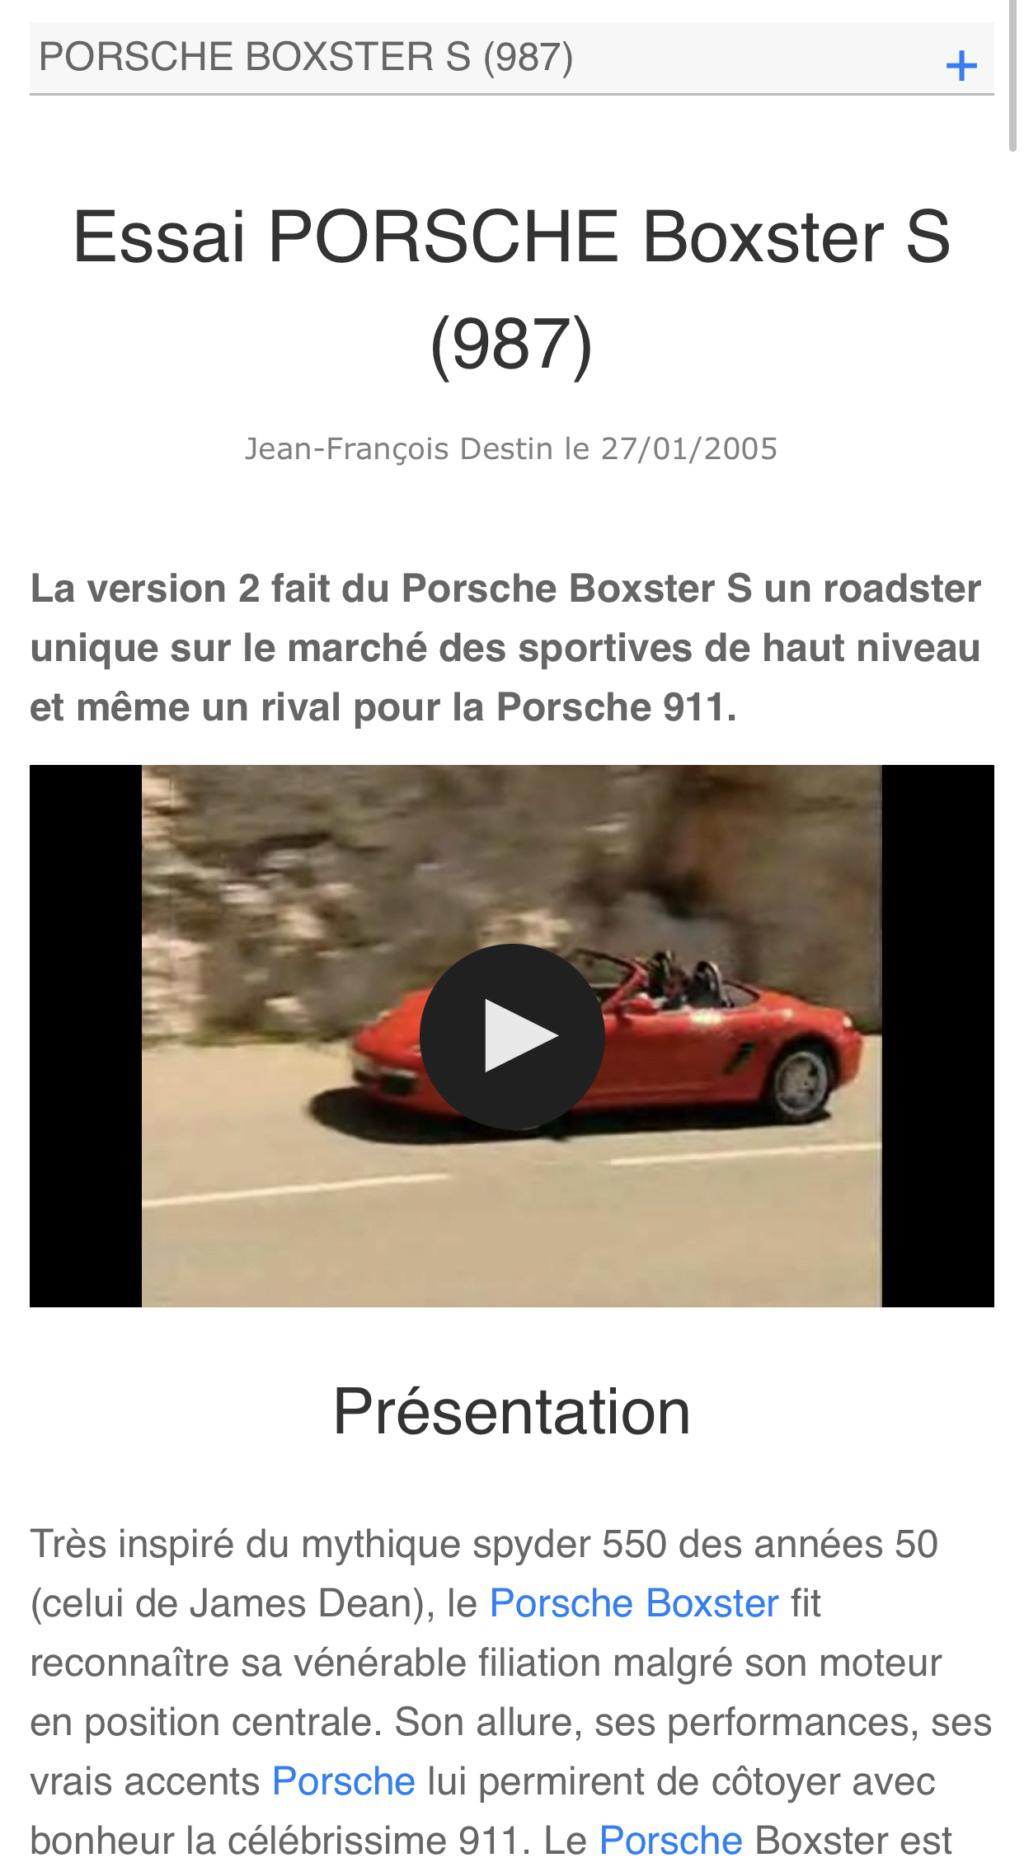 Boxster S 987 03/2005 RHD superbe condition 13900€ 2ce04910